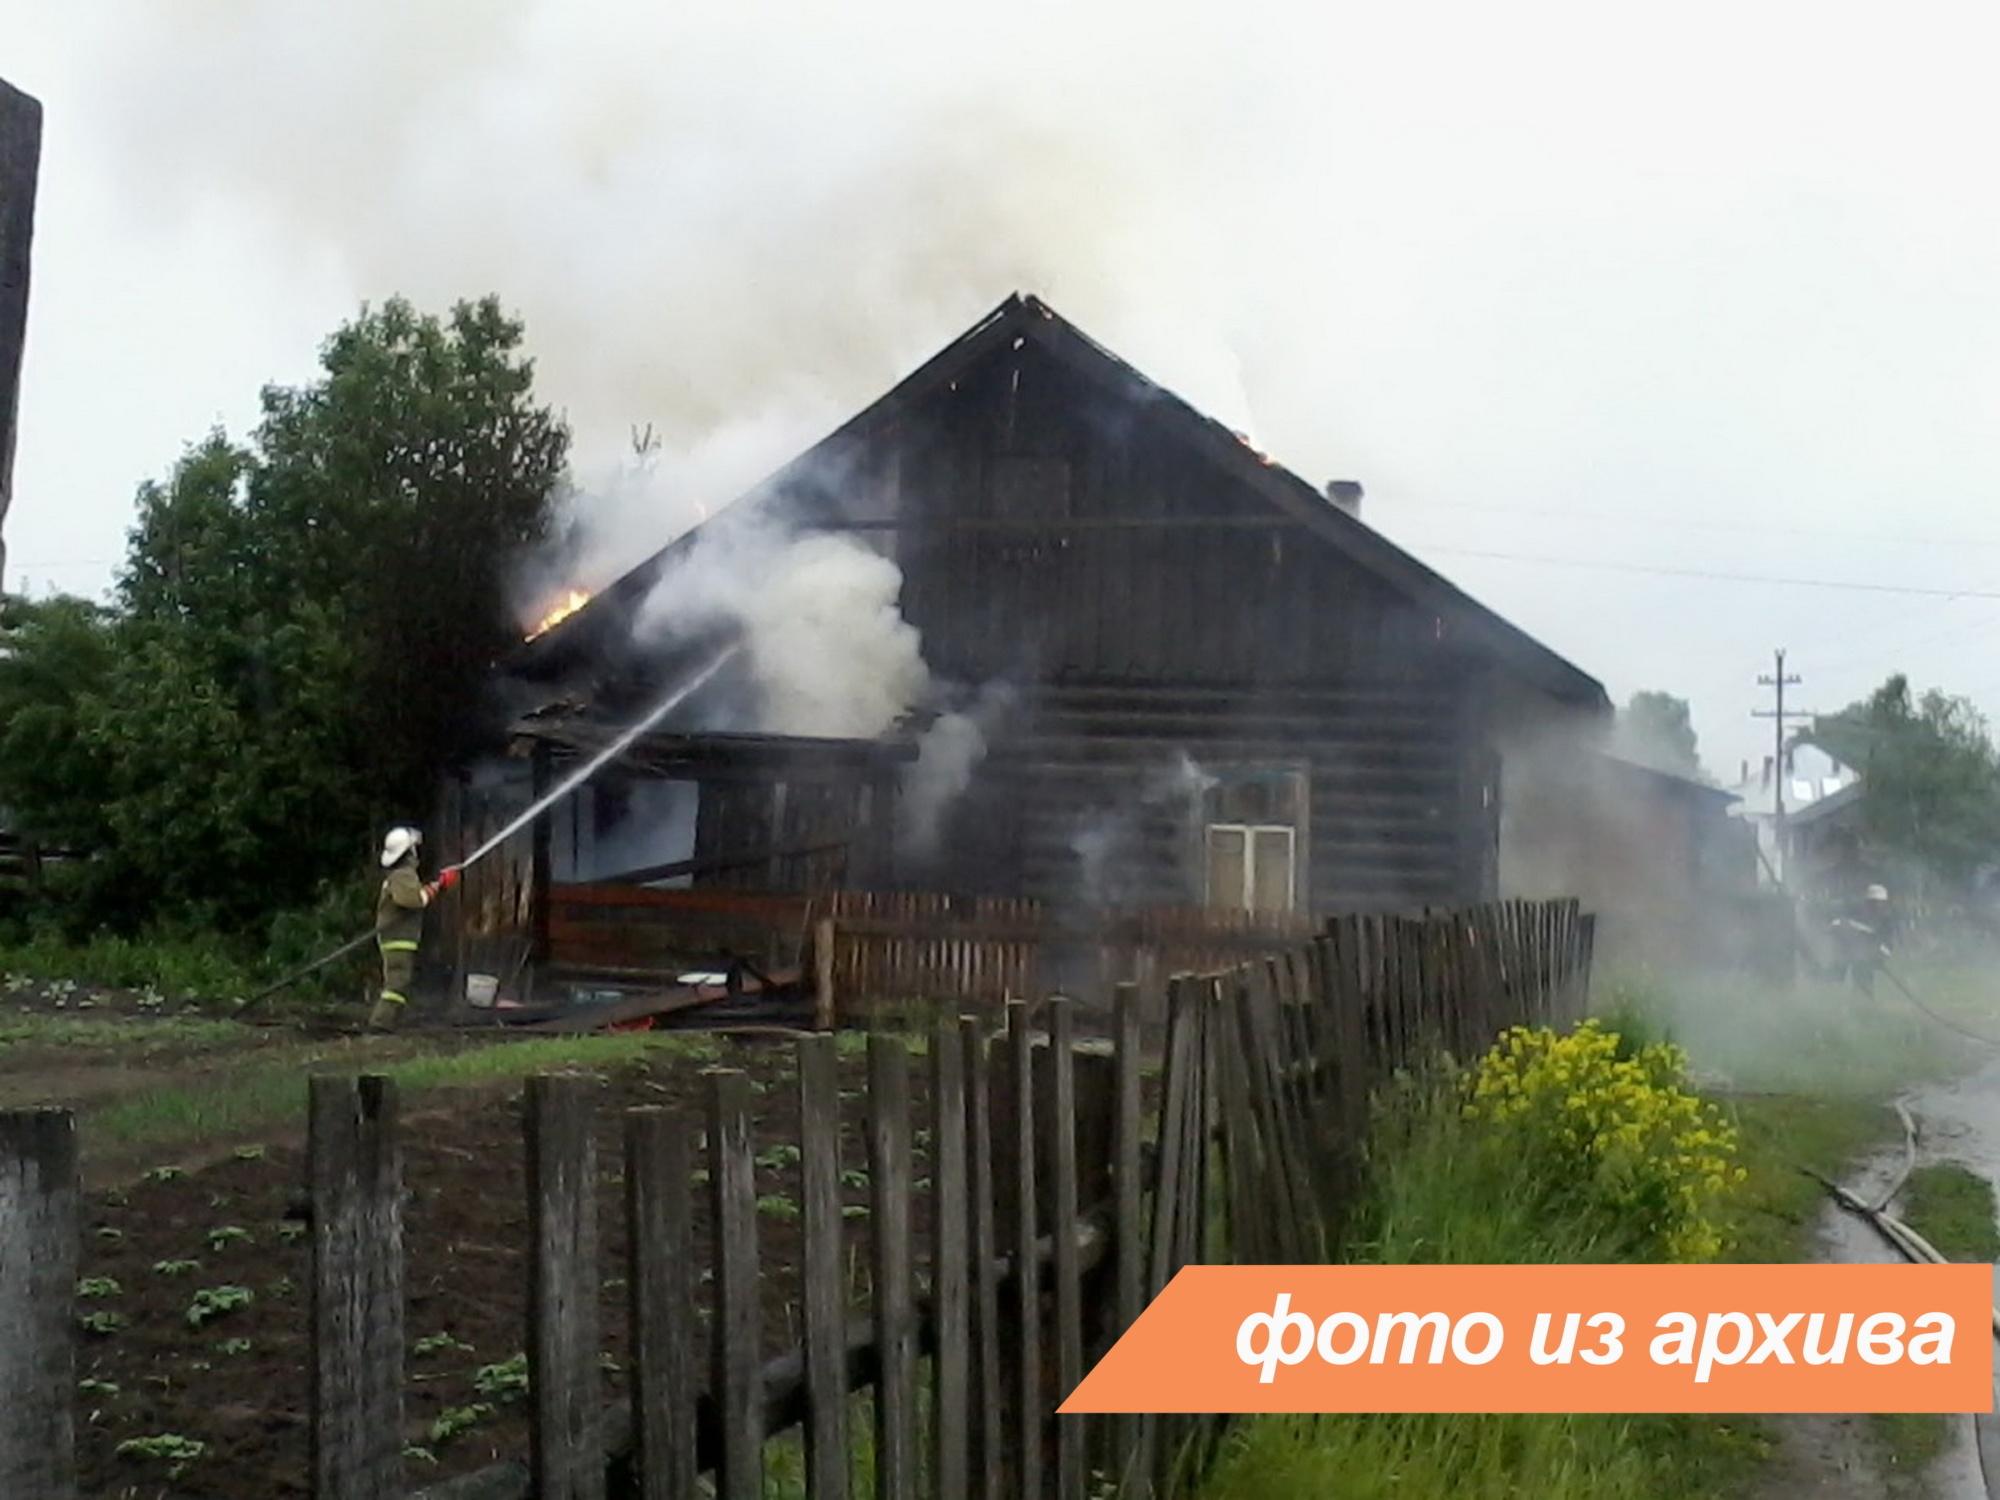 Пожарно-спасательные подразделения Ленинградской области ликвидировали пожар во Всеволожском районе